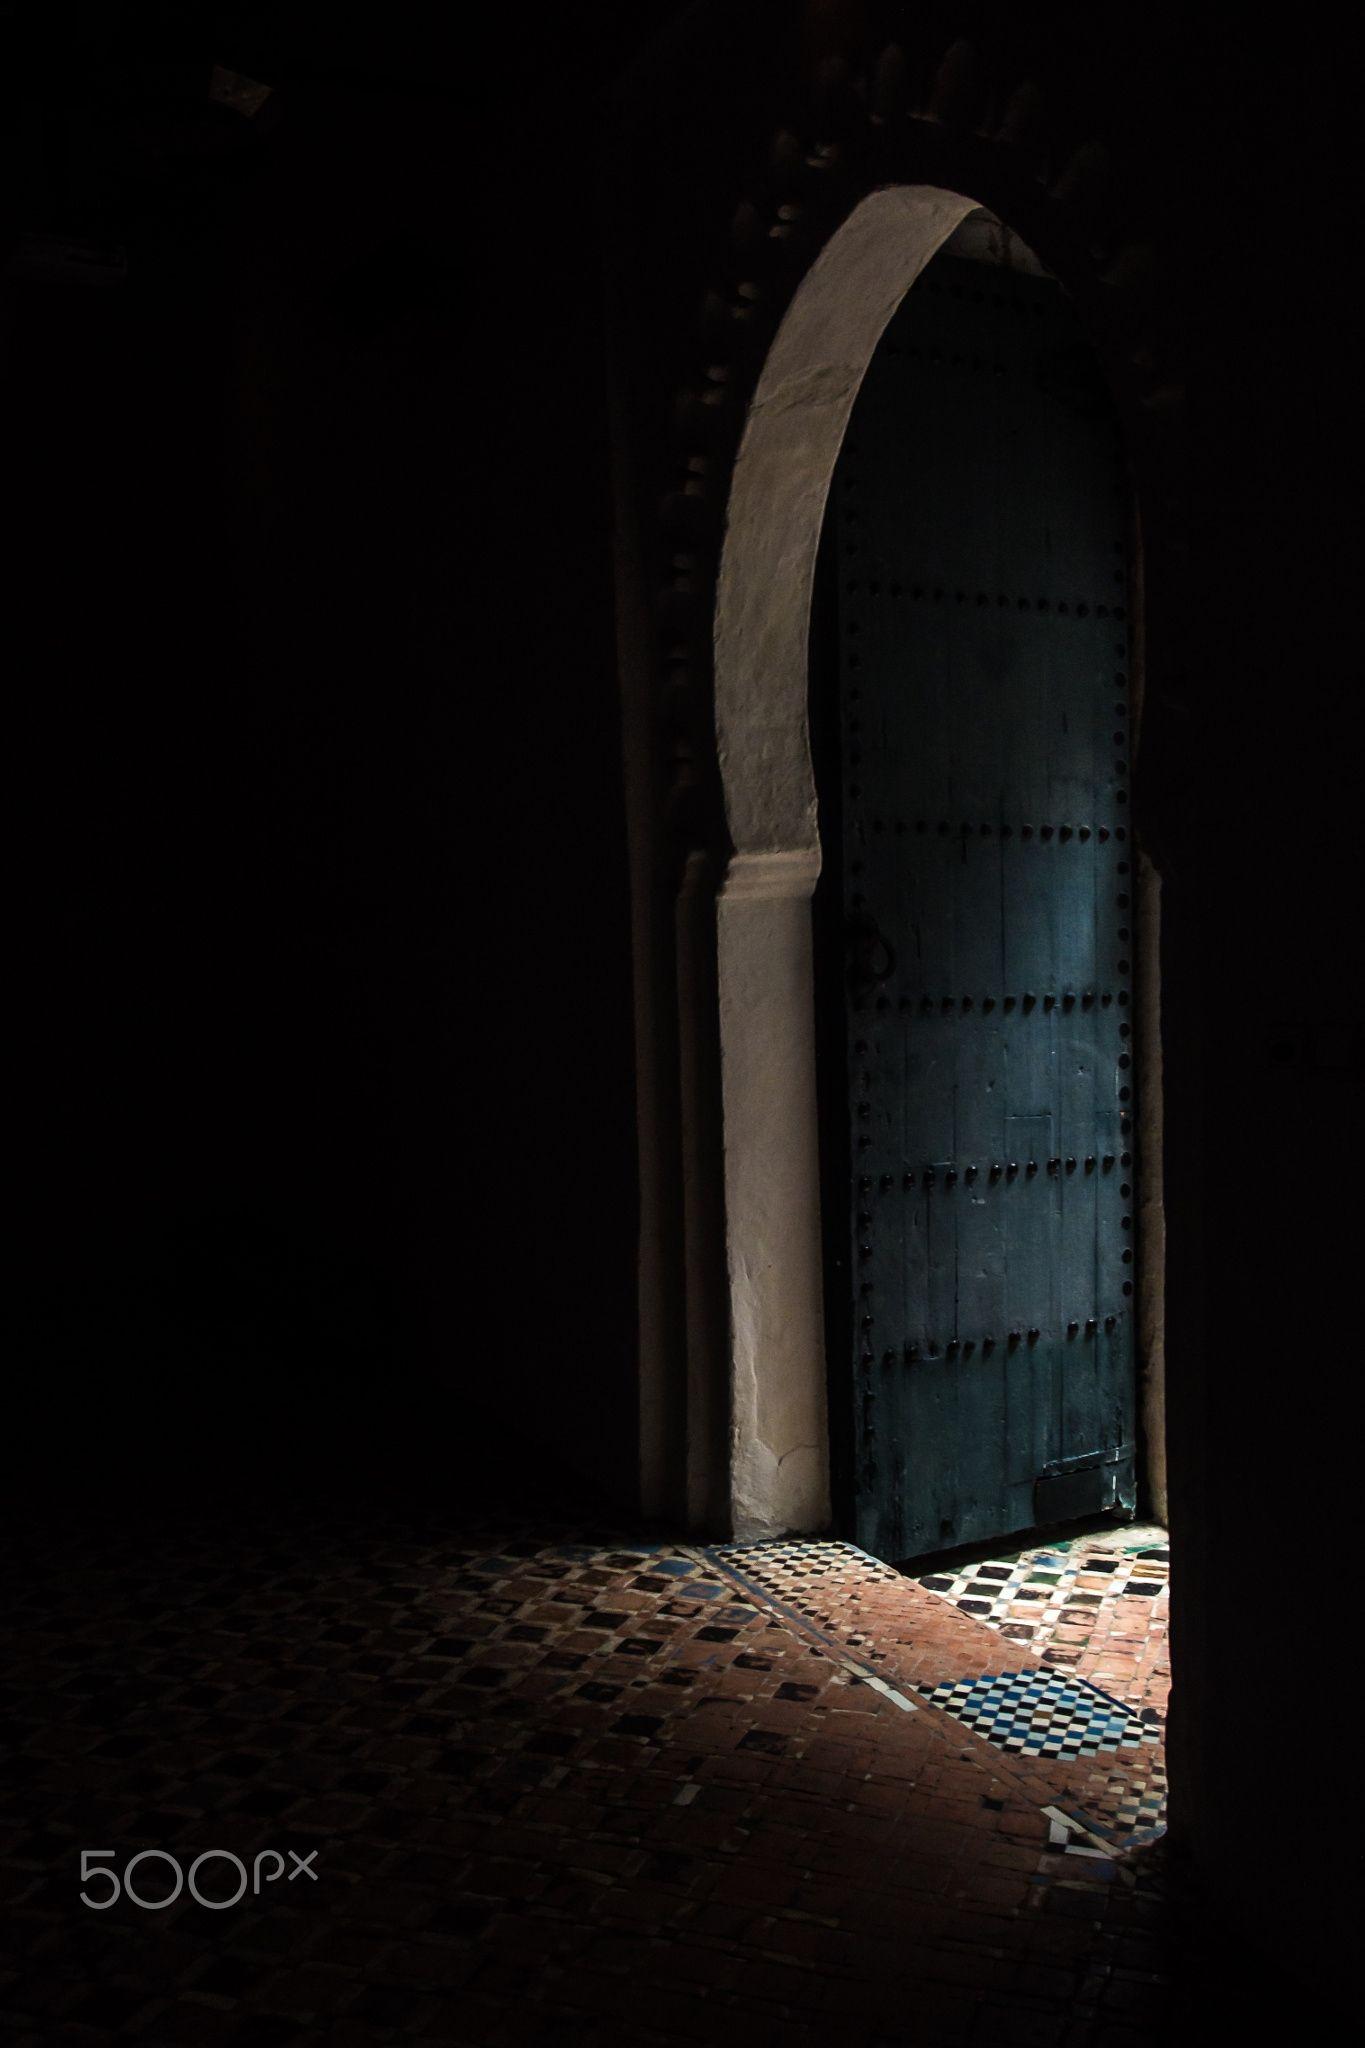 Kasbah - The front door of the Kasbah Museum in Tangier, Morocco